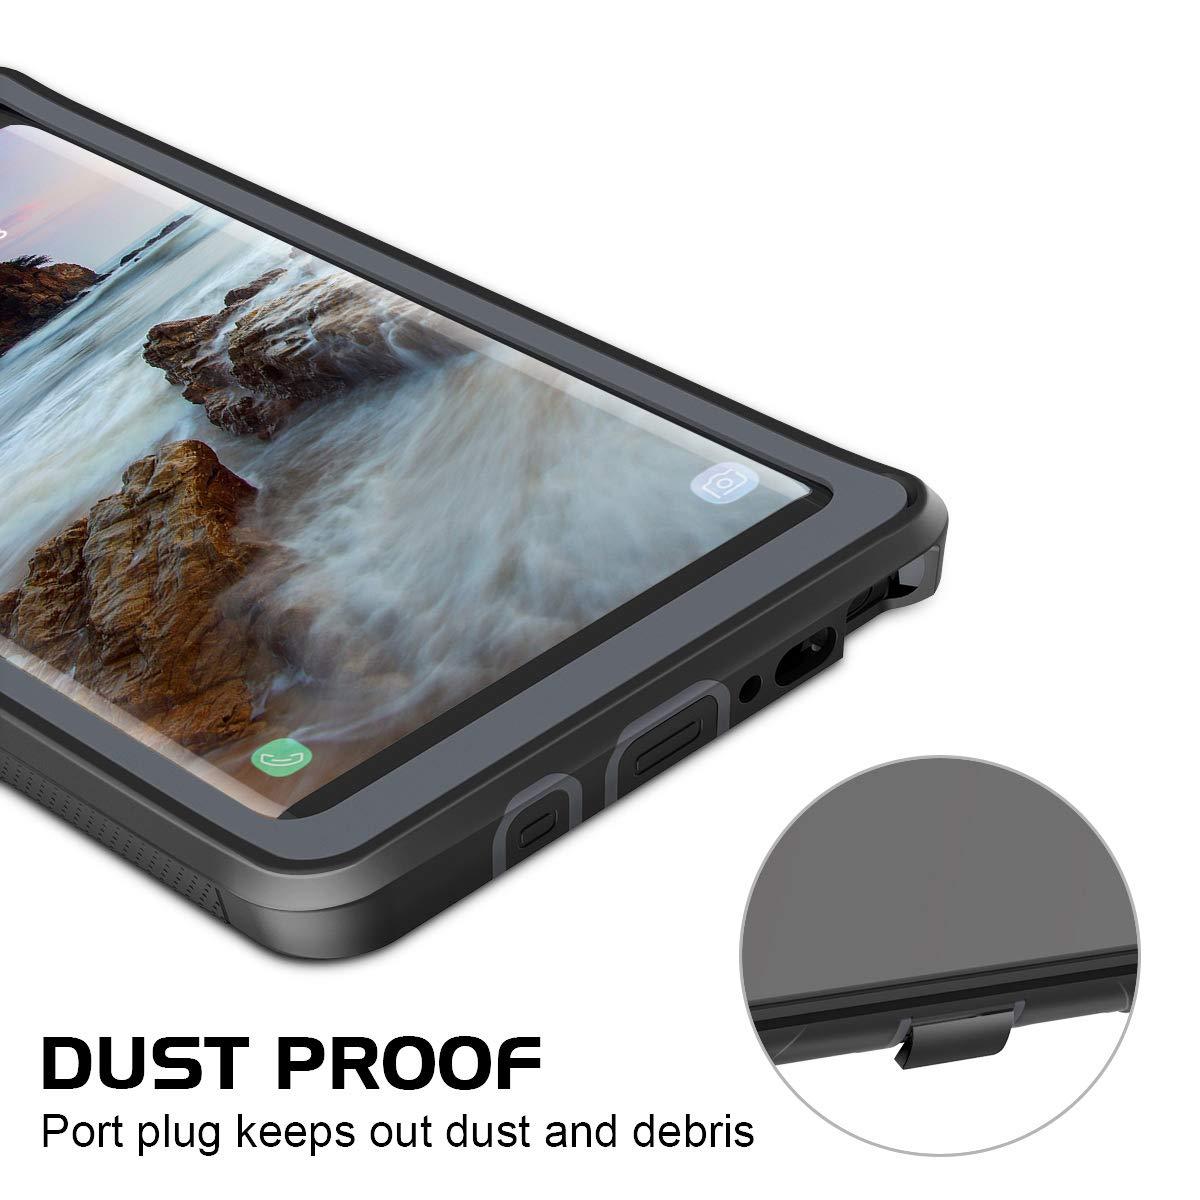 Prologfer Funda para Samsung Galaxy S9 360 Grados Transparente Carcasa Resistente con Protector de Pantalla incorporada Prueba de Golpes y Suciedad Cover para Samsung Galaxy S9 Negro